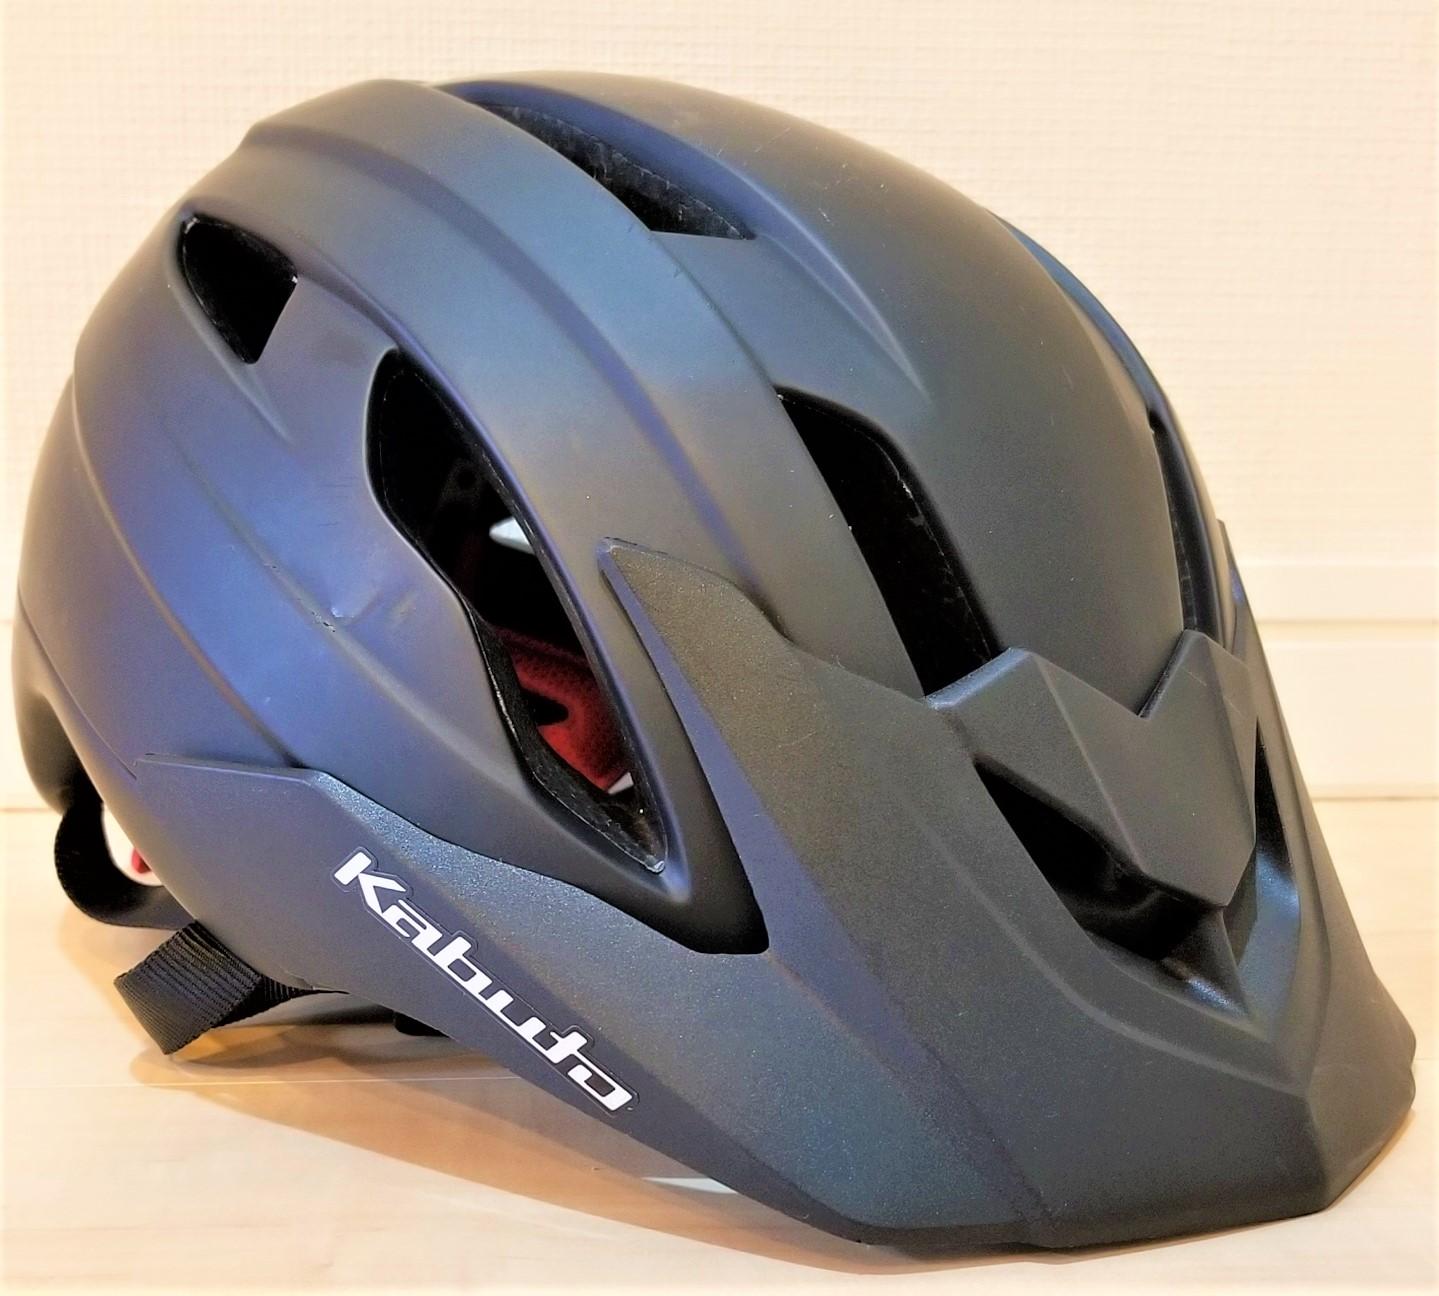 クロスバイク の ヘルメット 選びで満足していたら、最近少しだけ後悔したこと 【大会に出場できないこともあるヘルメットだった】